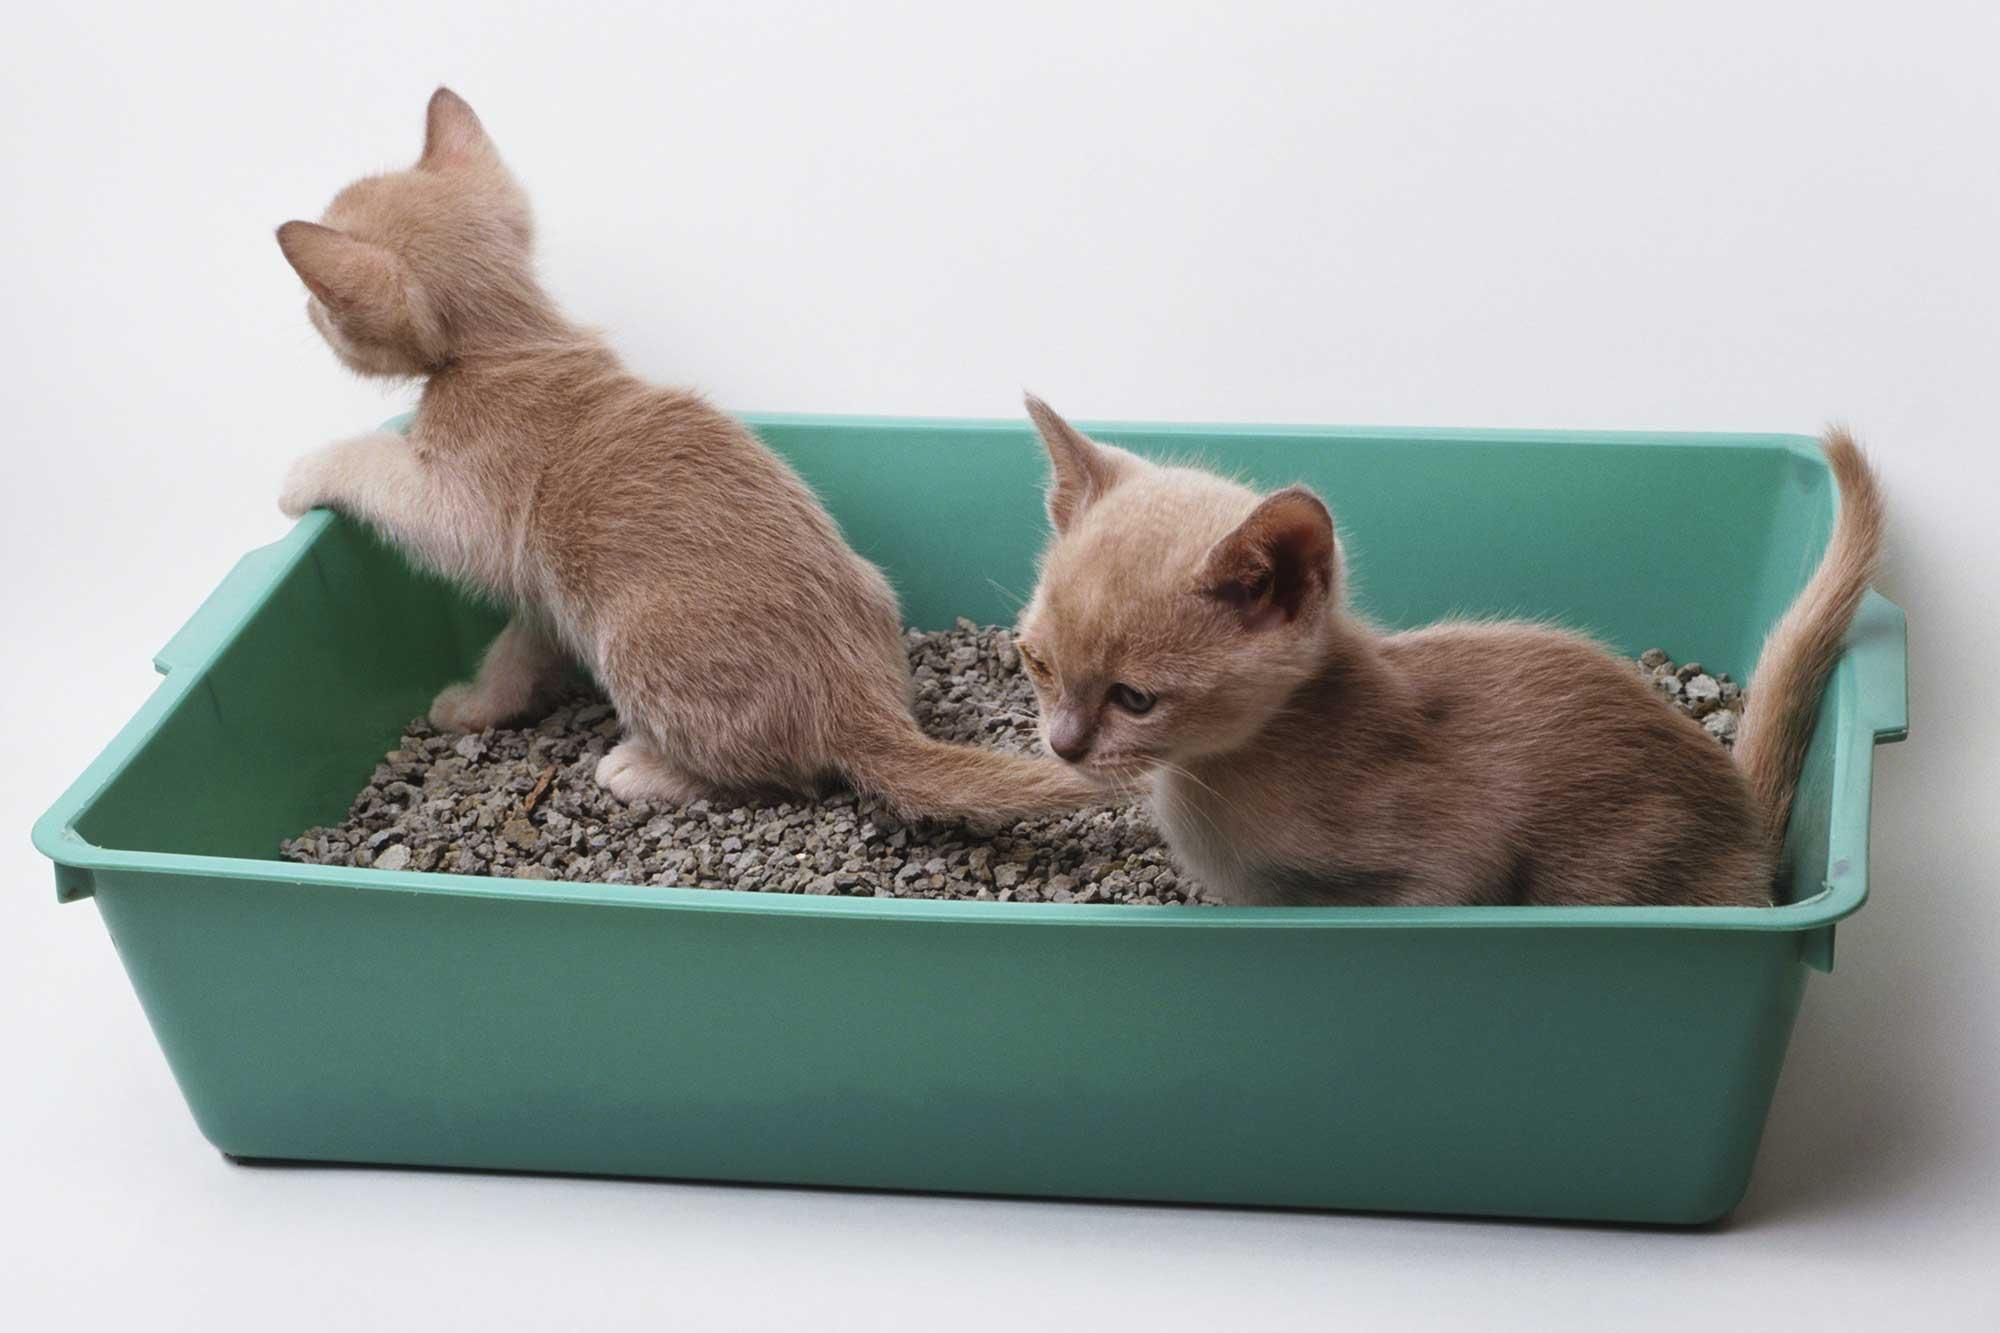 лоток для кошек как выбрать